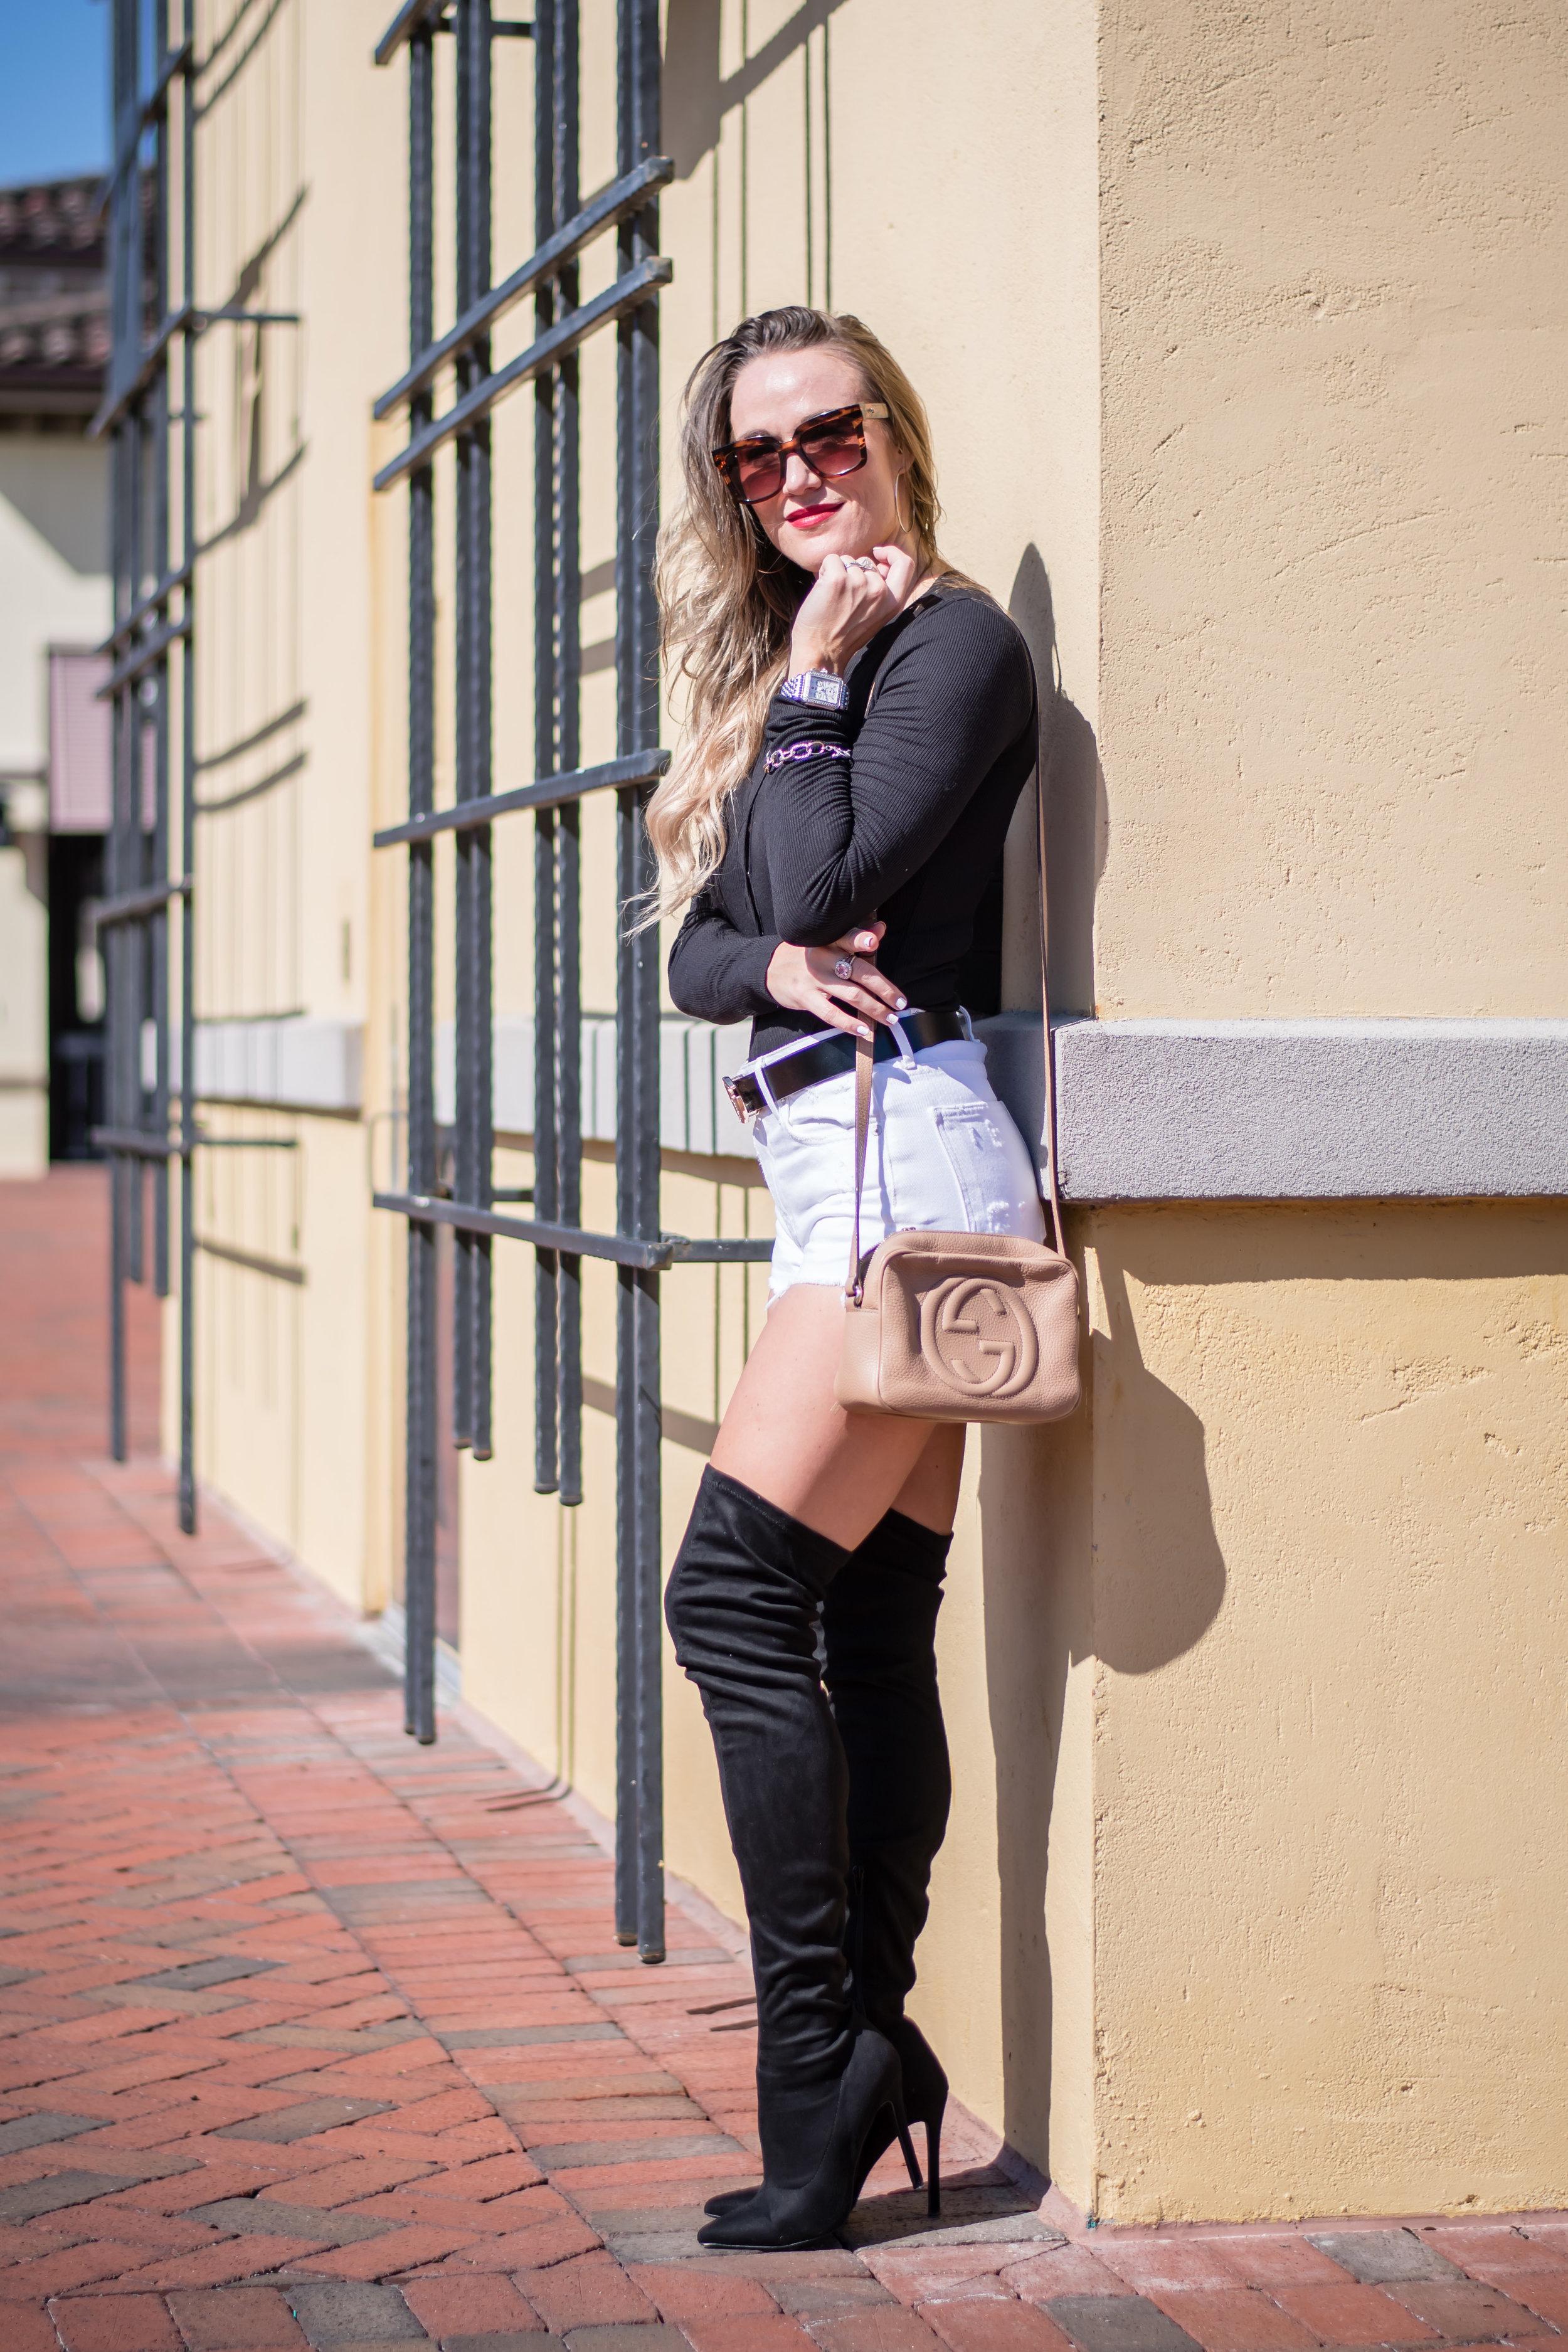 fashion-photoshoot-dellagio-orlando-photographer-yanitza-ninett-8.jpg